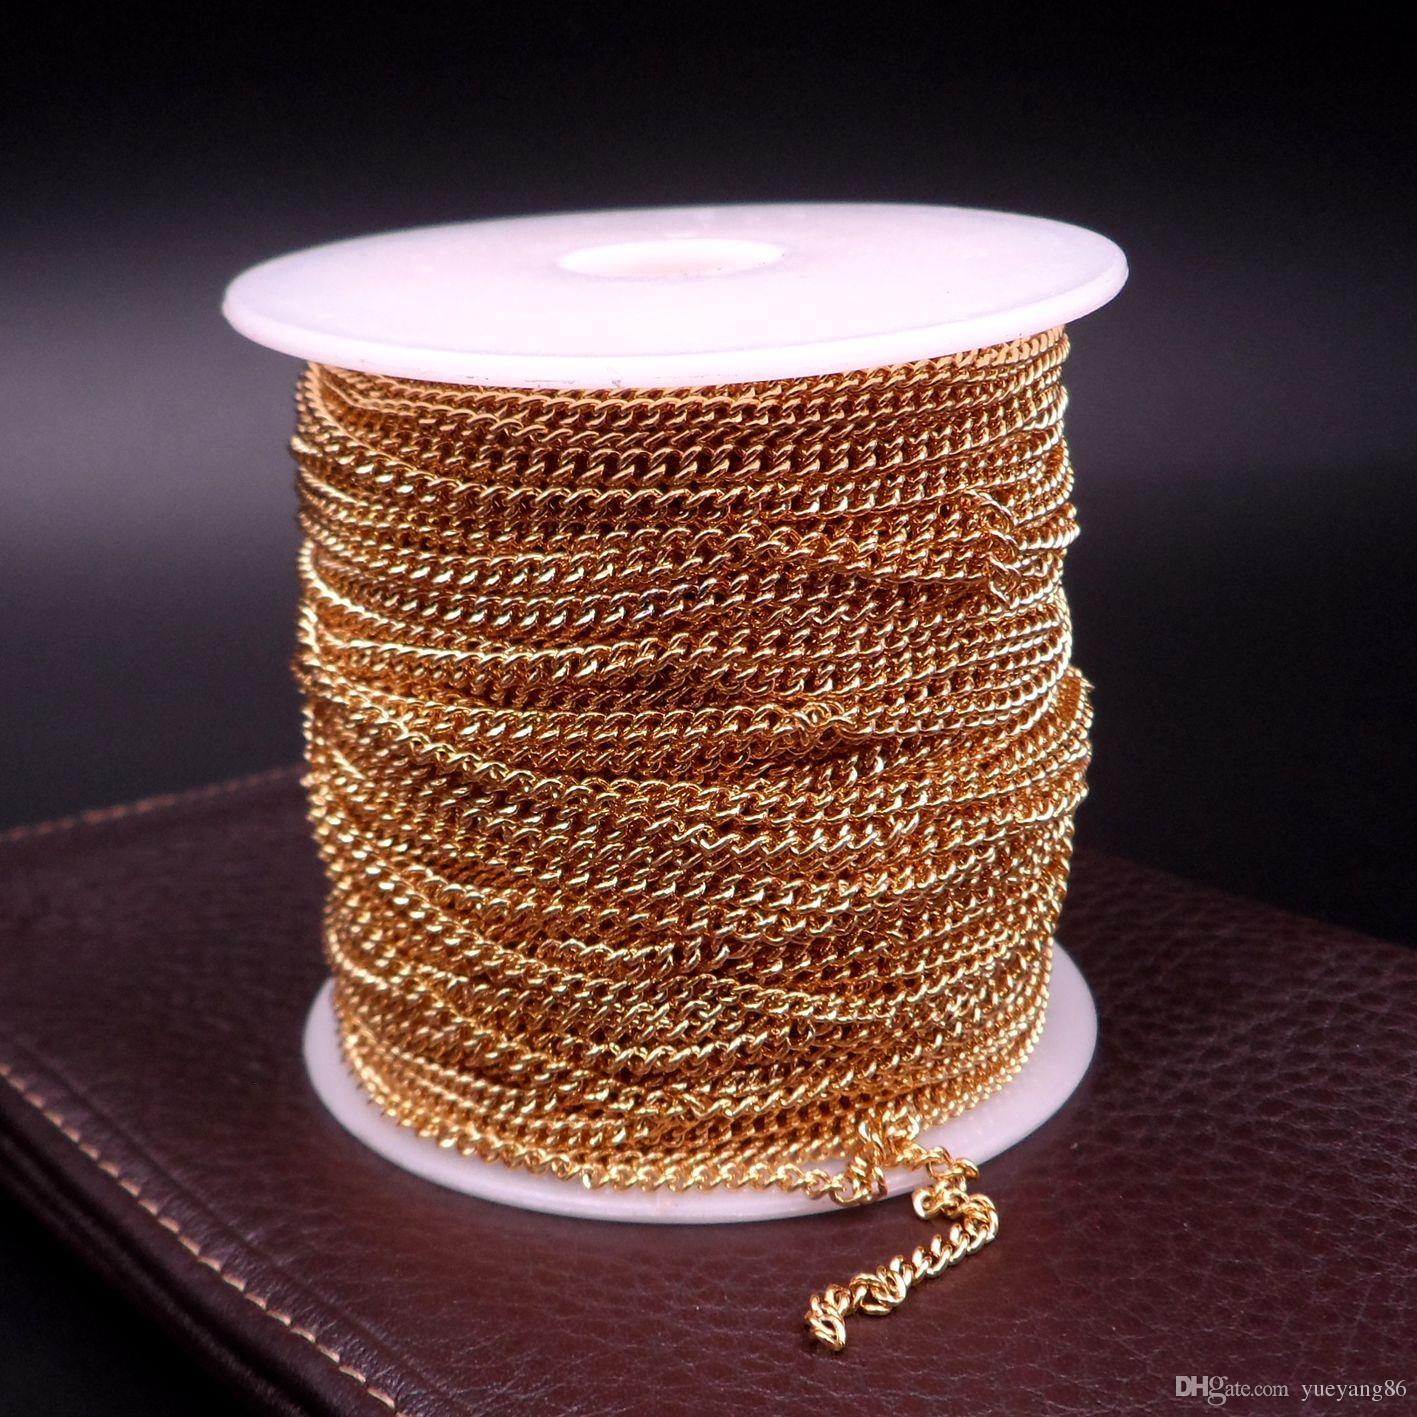 GNAYY 10 metri lotto in massa risultati dei monili oro cowboy catena a maglia in acciaio inox fai da te jewlery catena di marcatura 1.6mm / 2.2mm donne larghe